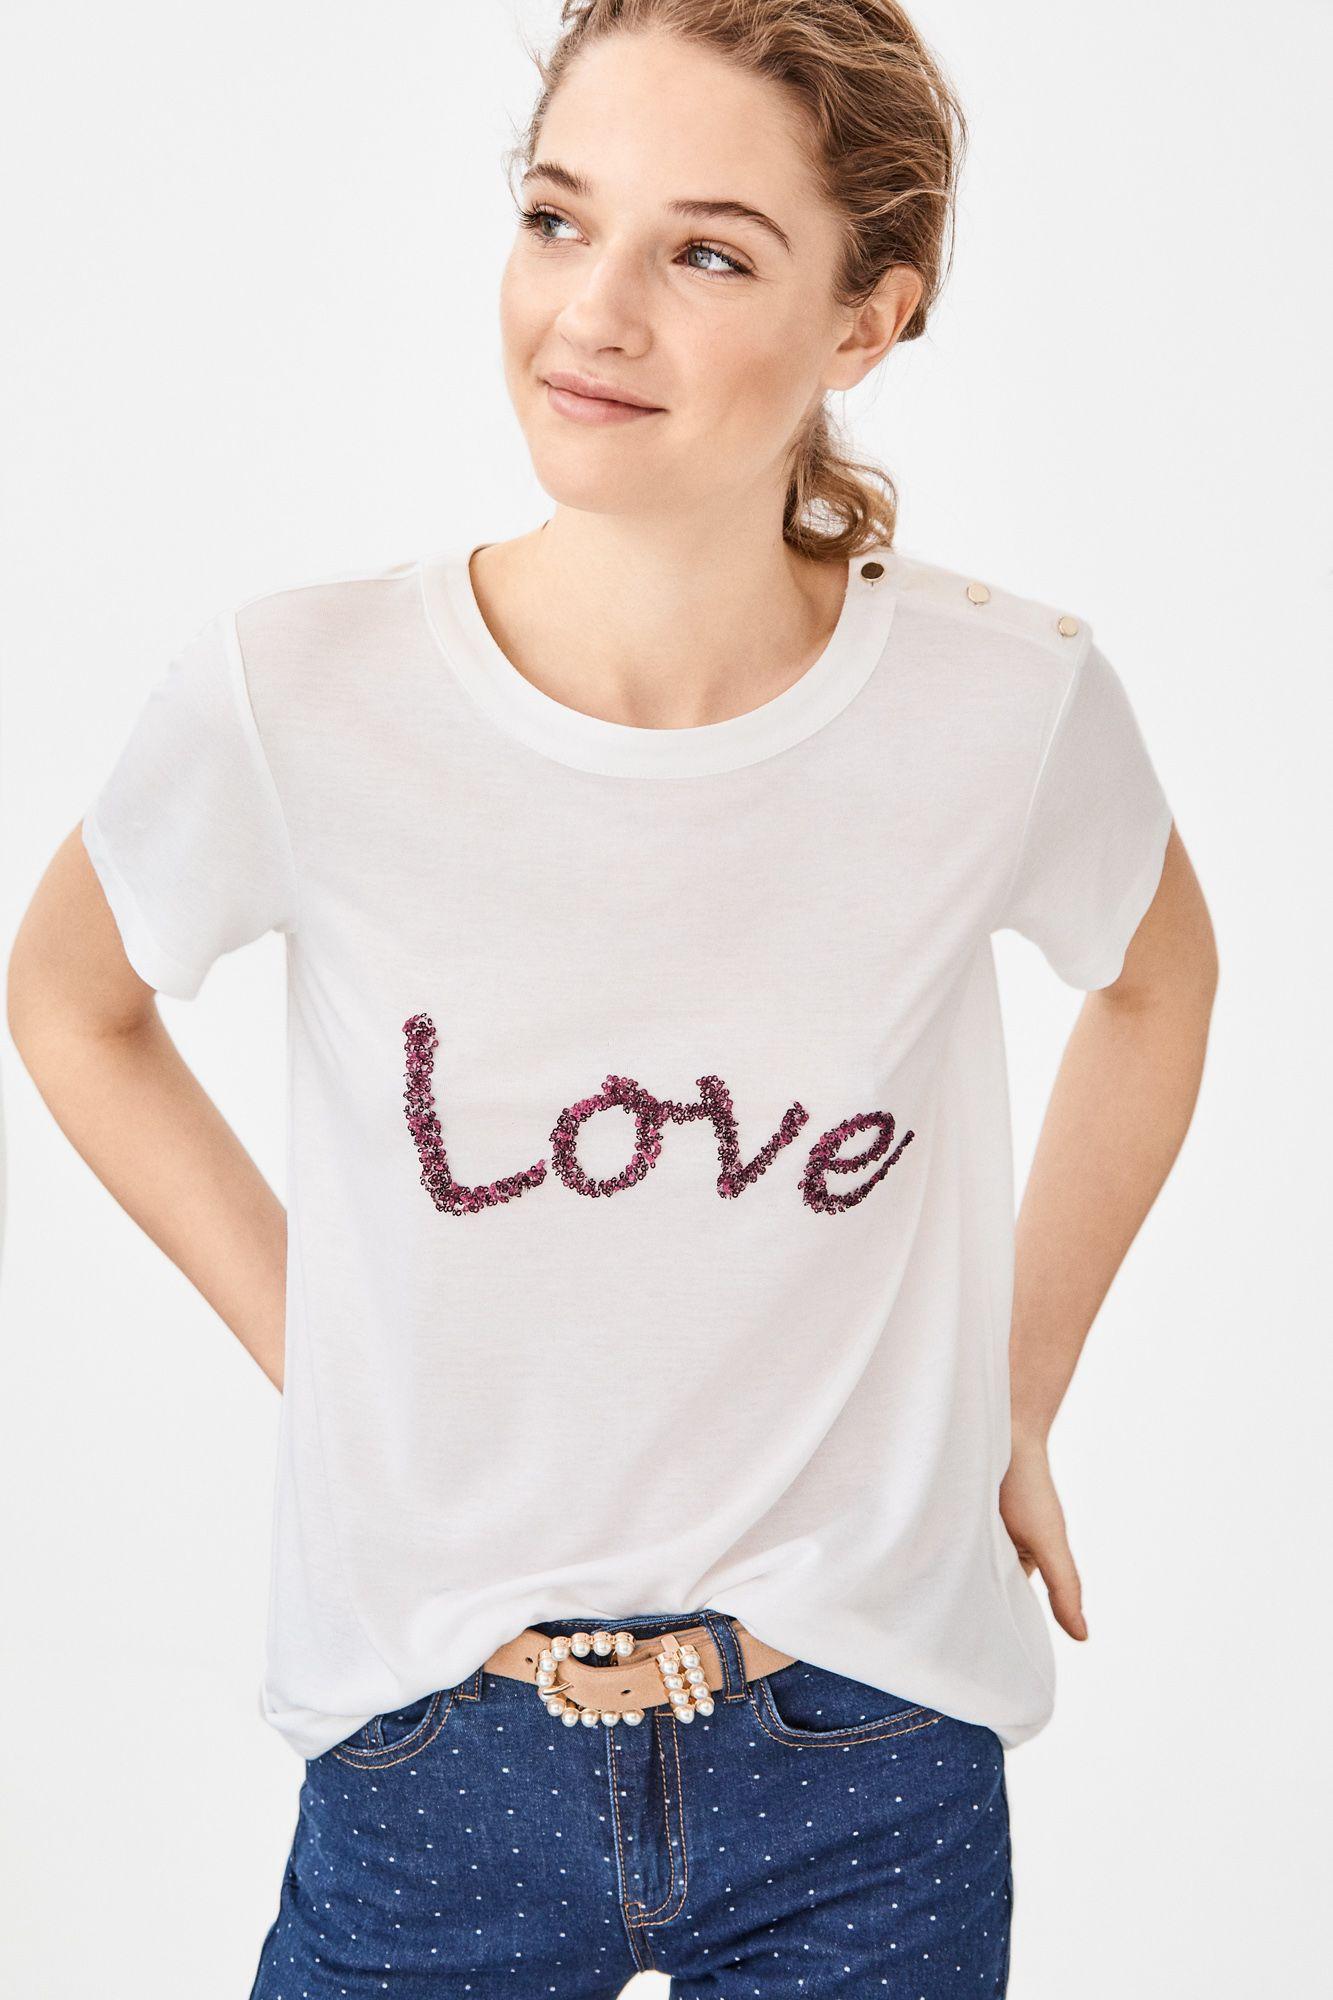 Cortefiel Camiseta Palabra Lentejuelas